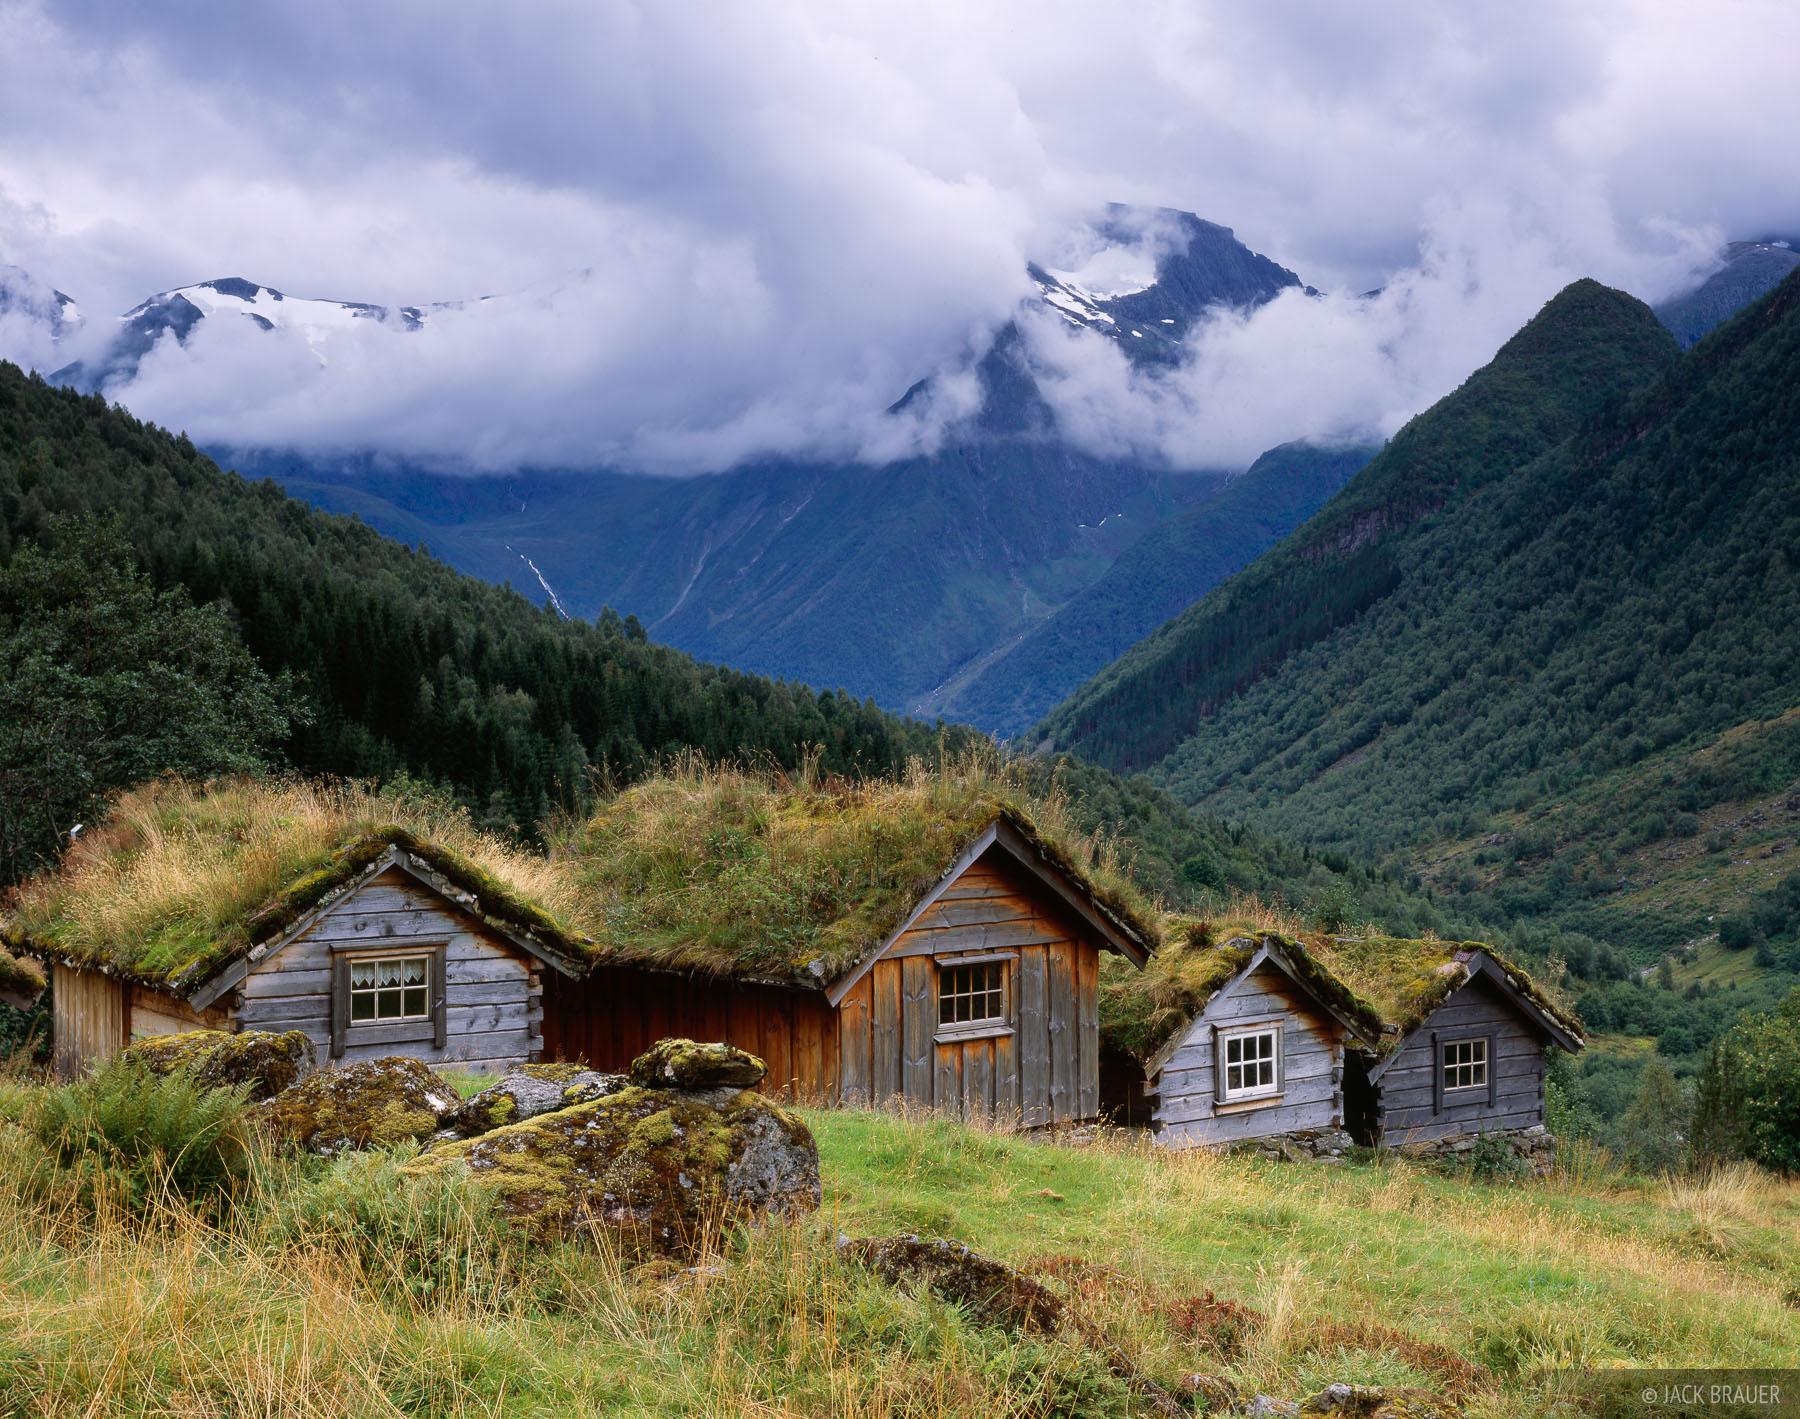 cabins, Norangsfjorden, Sunnmøre, Norway, photo